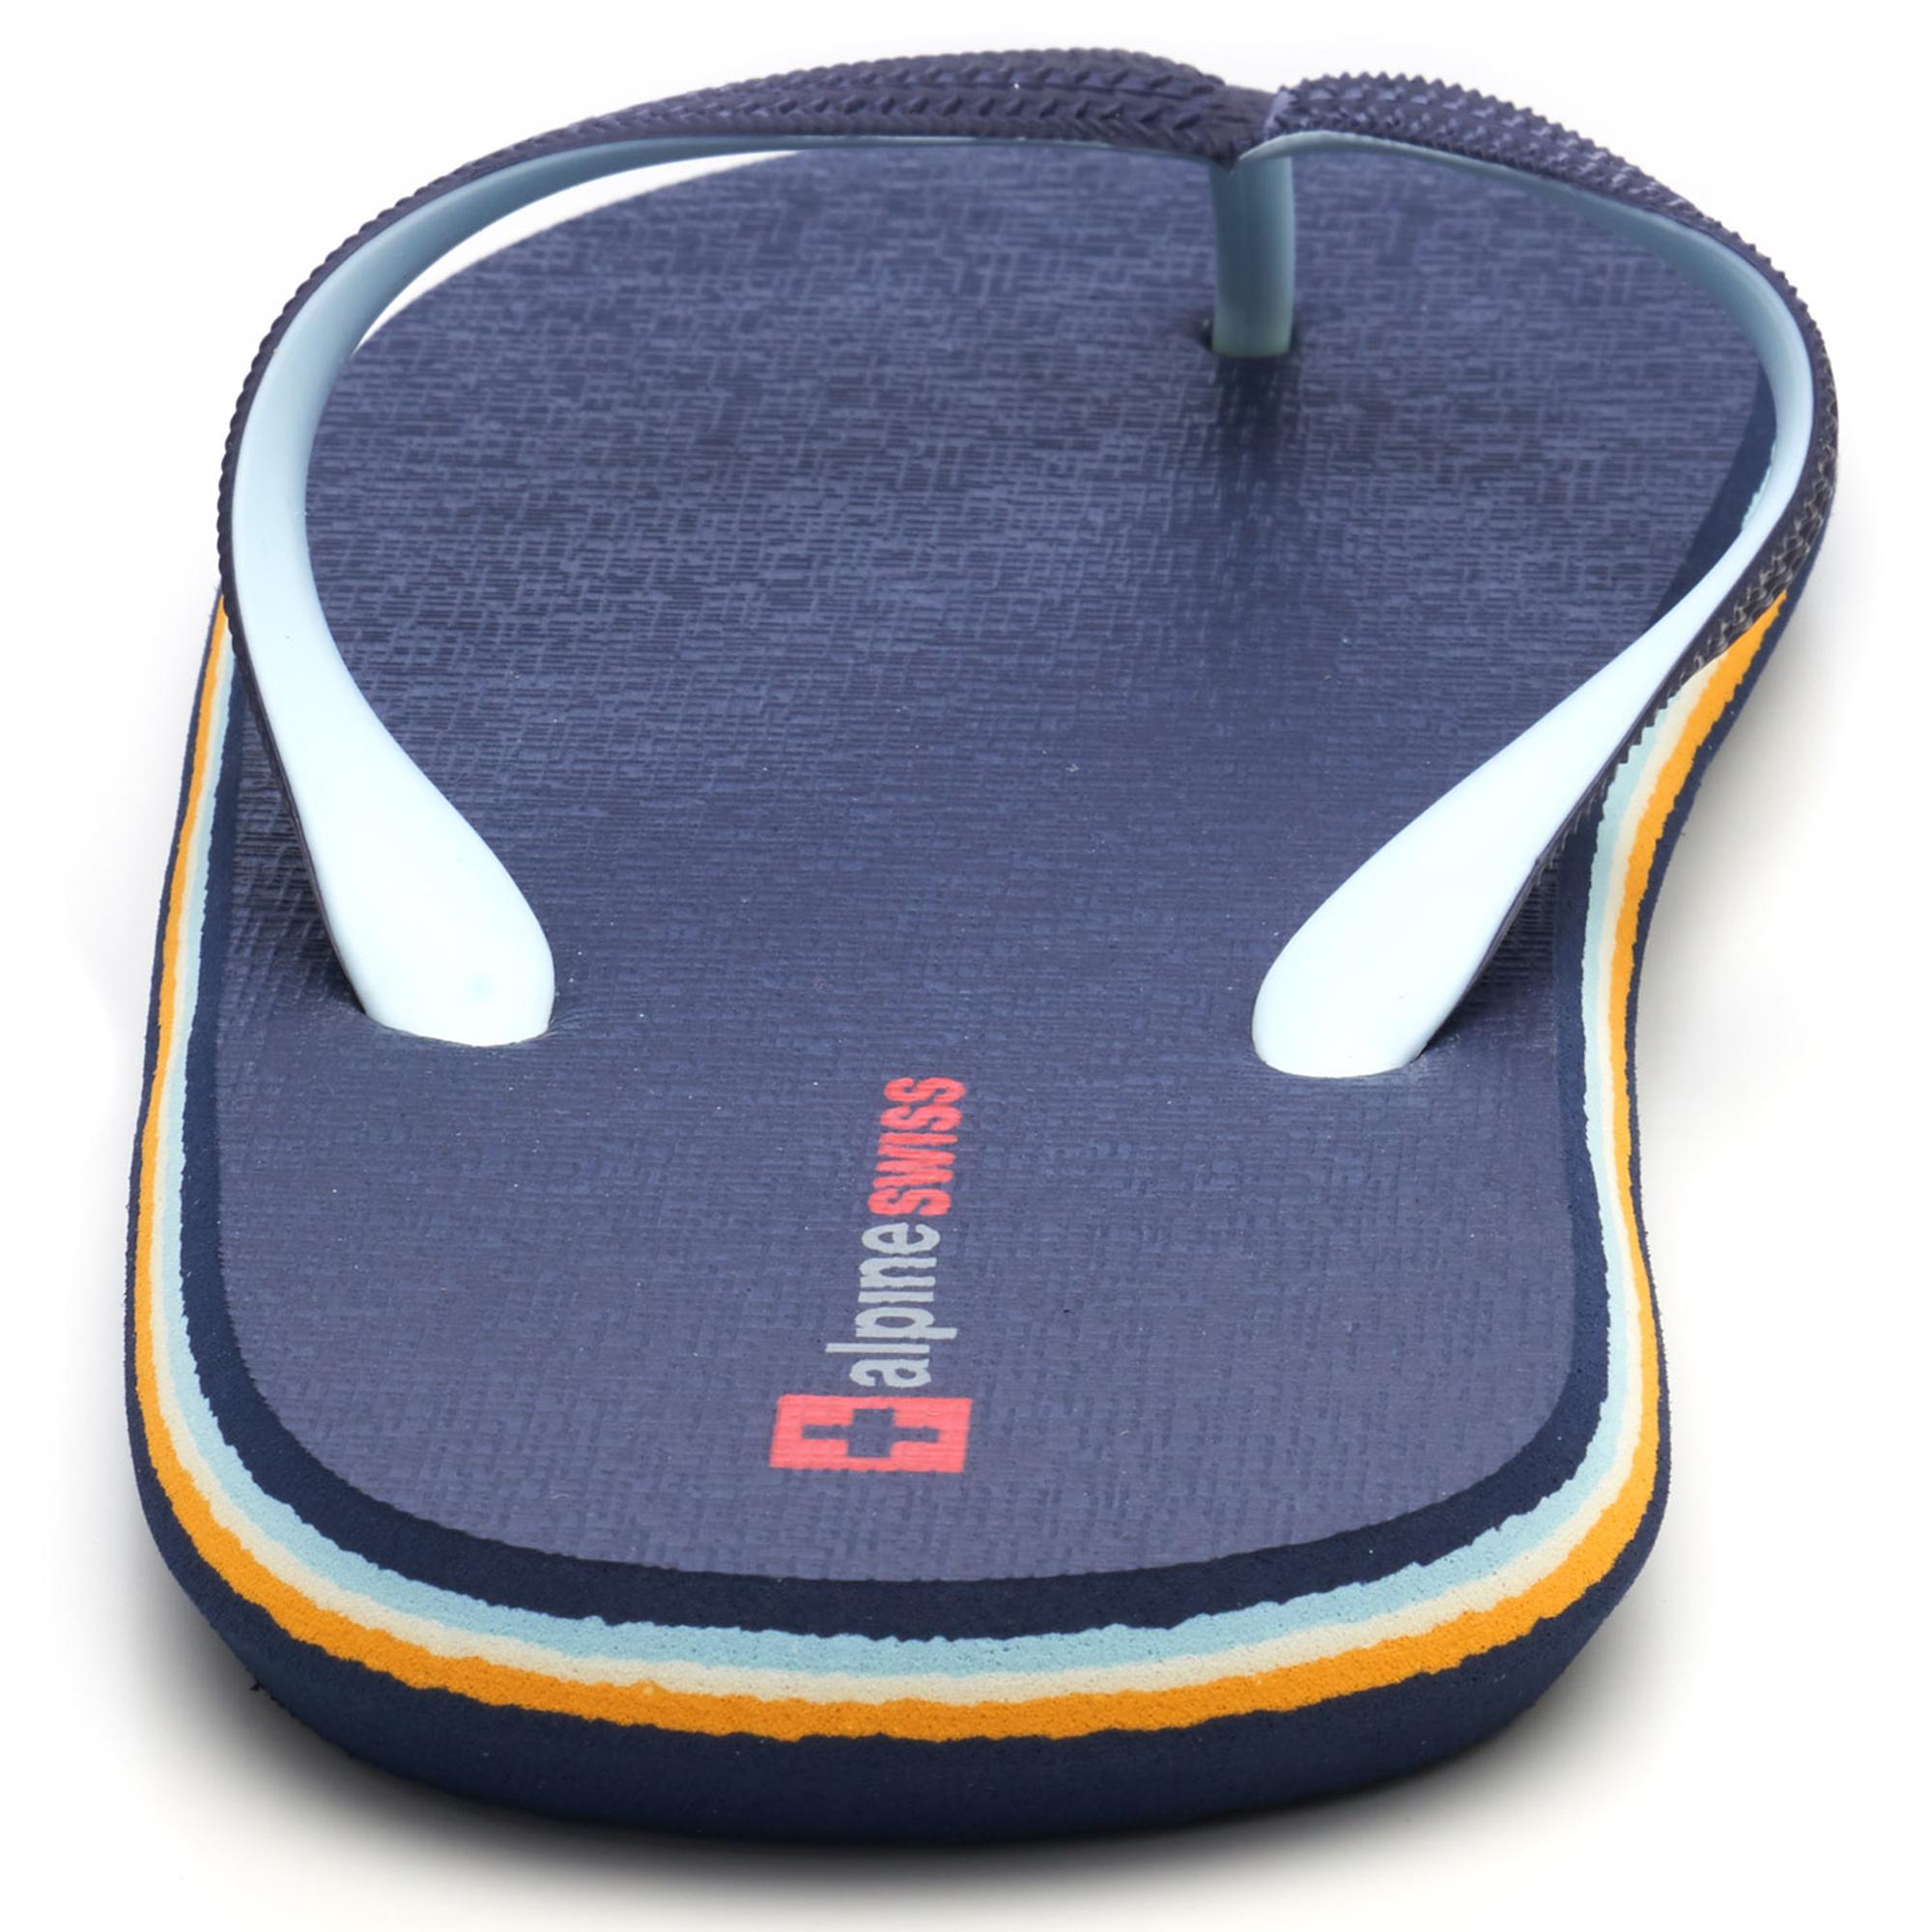 Alpine-Swiss-Mens-Flip-Flops-Beach-Sandals-Lightweight-EVA-Sole-Comfort-Thongs thumbnail 32